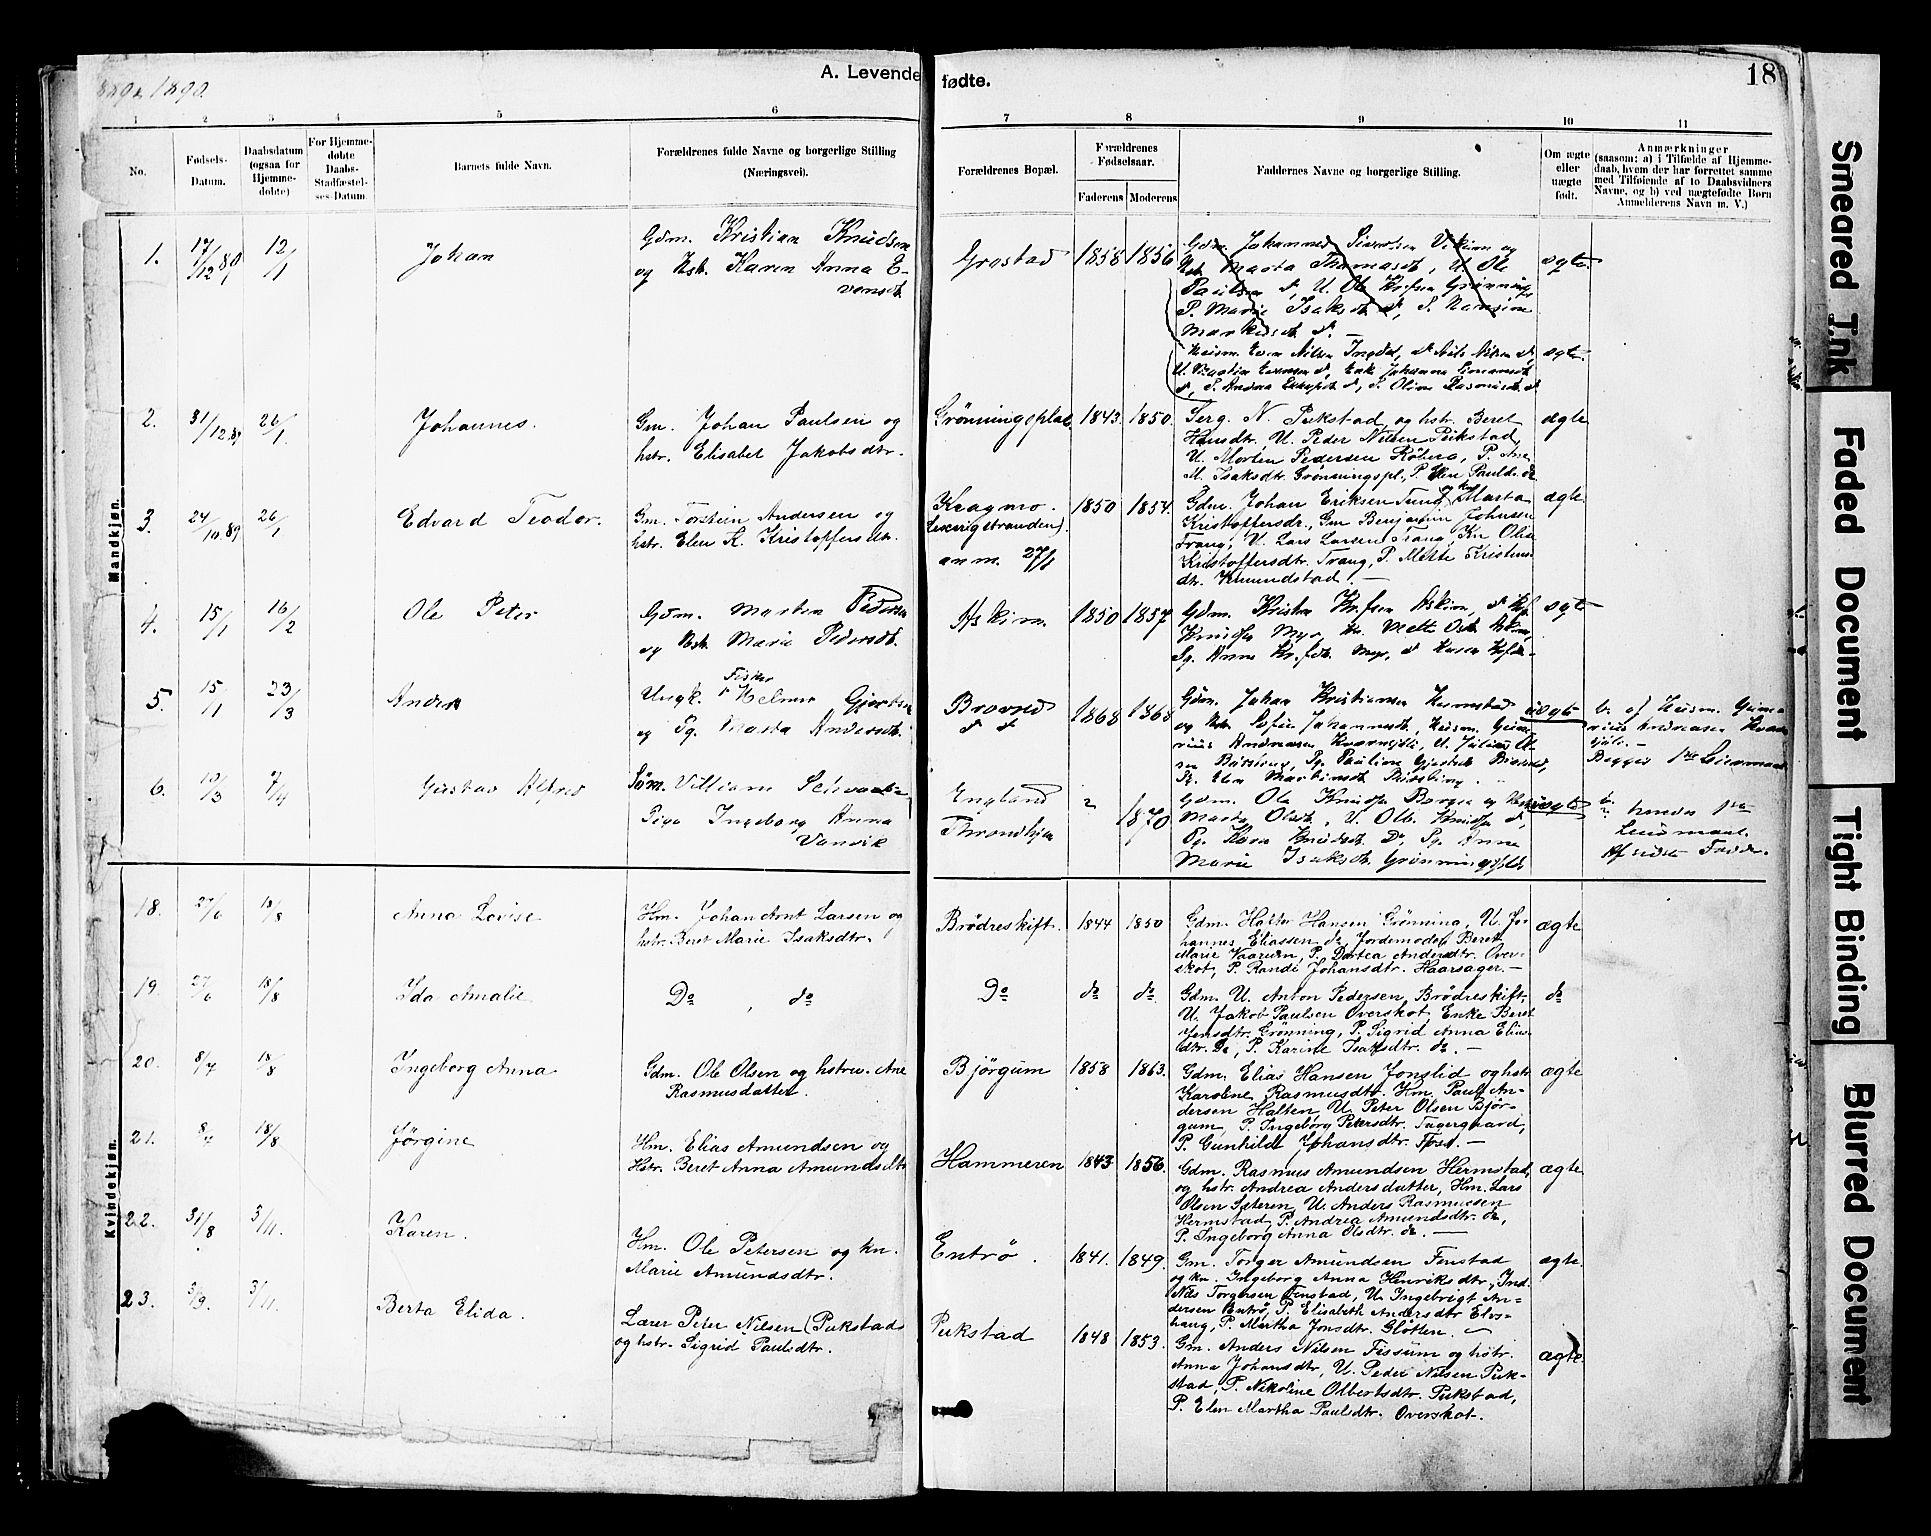 SAT, Ministerialprotokoller, klokkerbøker og fødselsregistre - Sør-Trøndelag, 646/L0615: Ministerialbok nr. 646A13, 1885-1900, s. 18